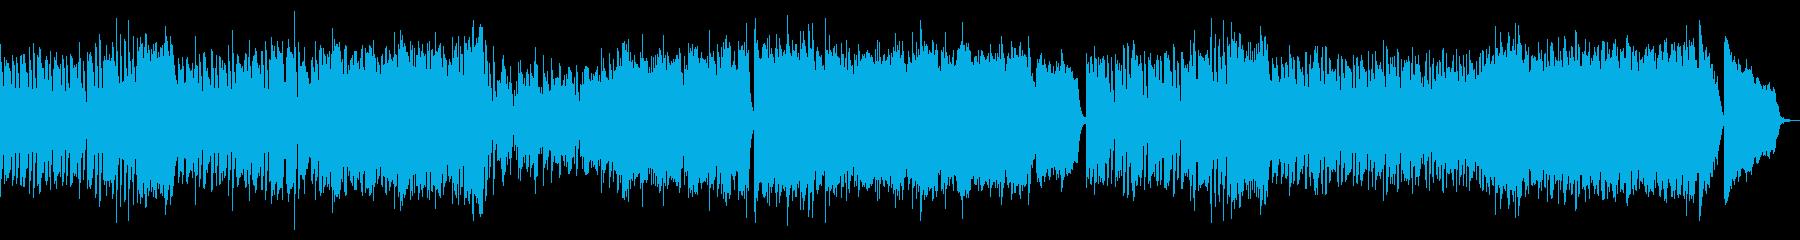 ラグタイム風ピアノBGMの再生済みの波形